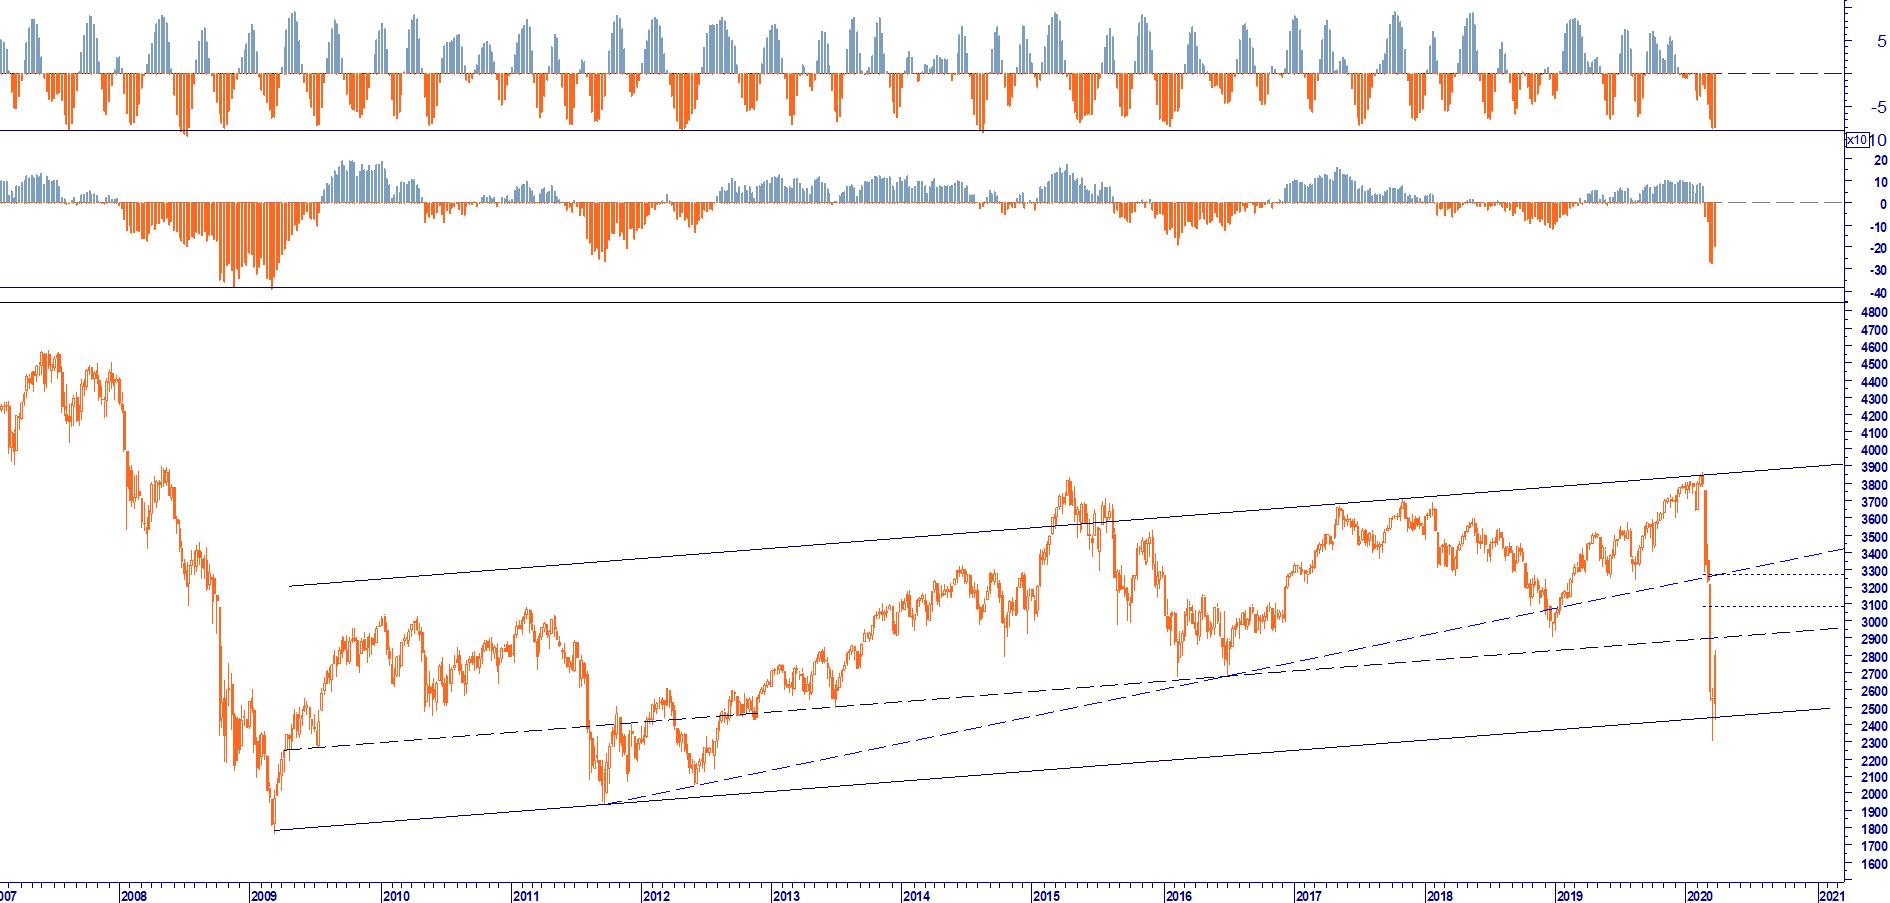 WB ANALYTICS: EUROSOTXX 50 REBOUND